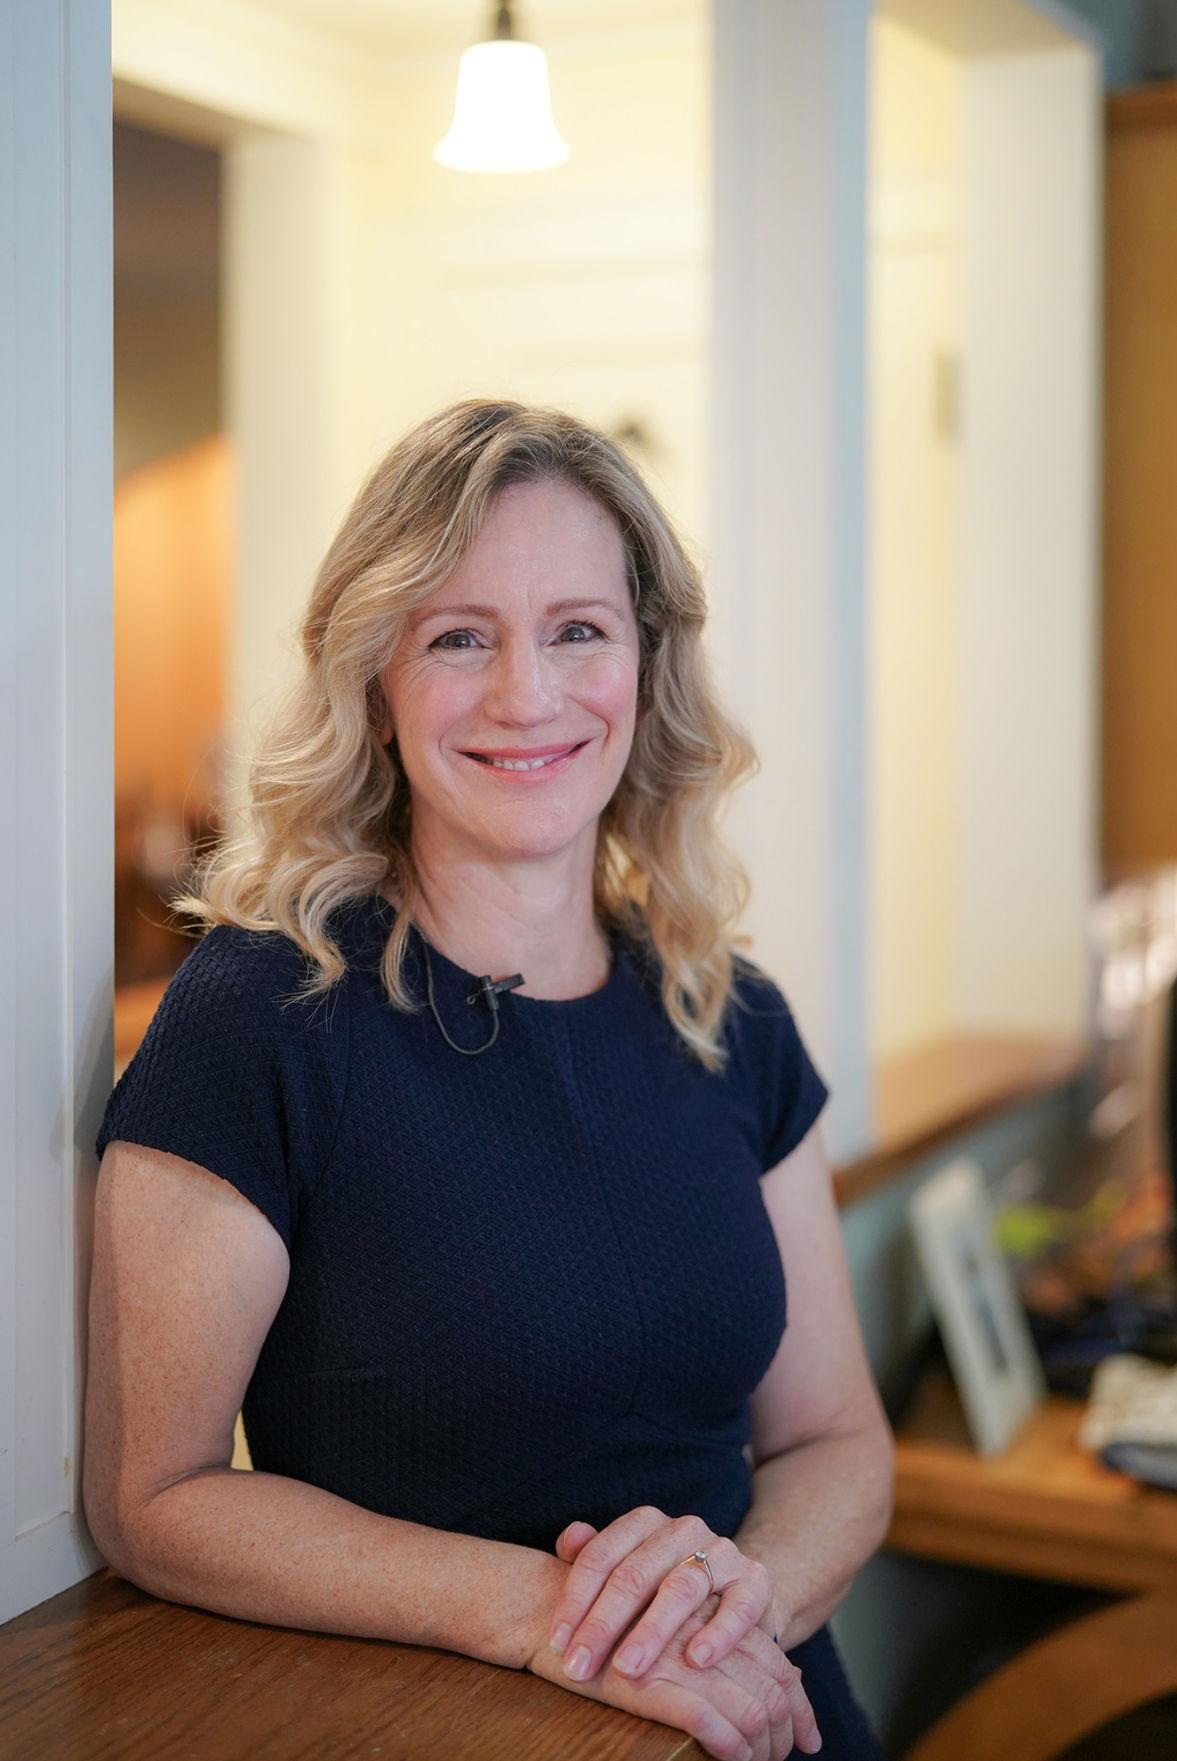 Author Liz Lee Heinecke